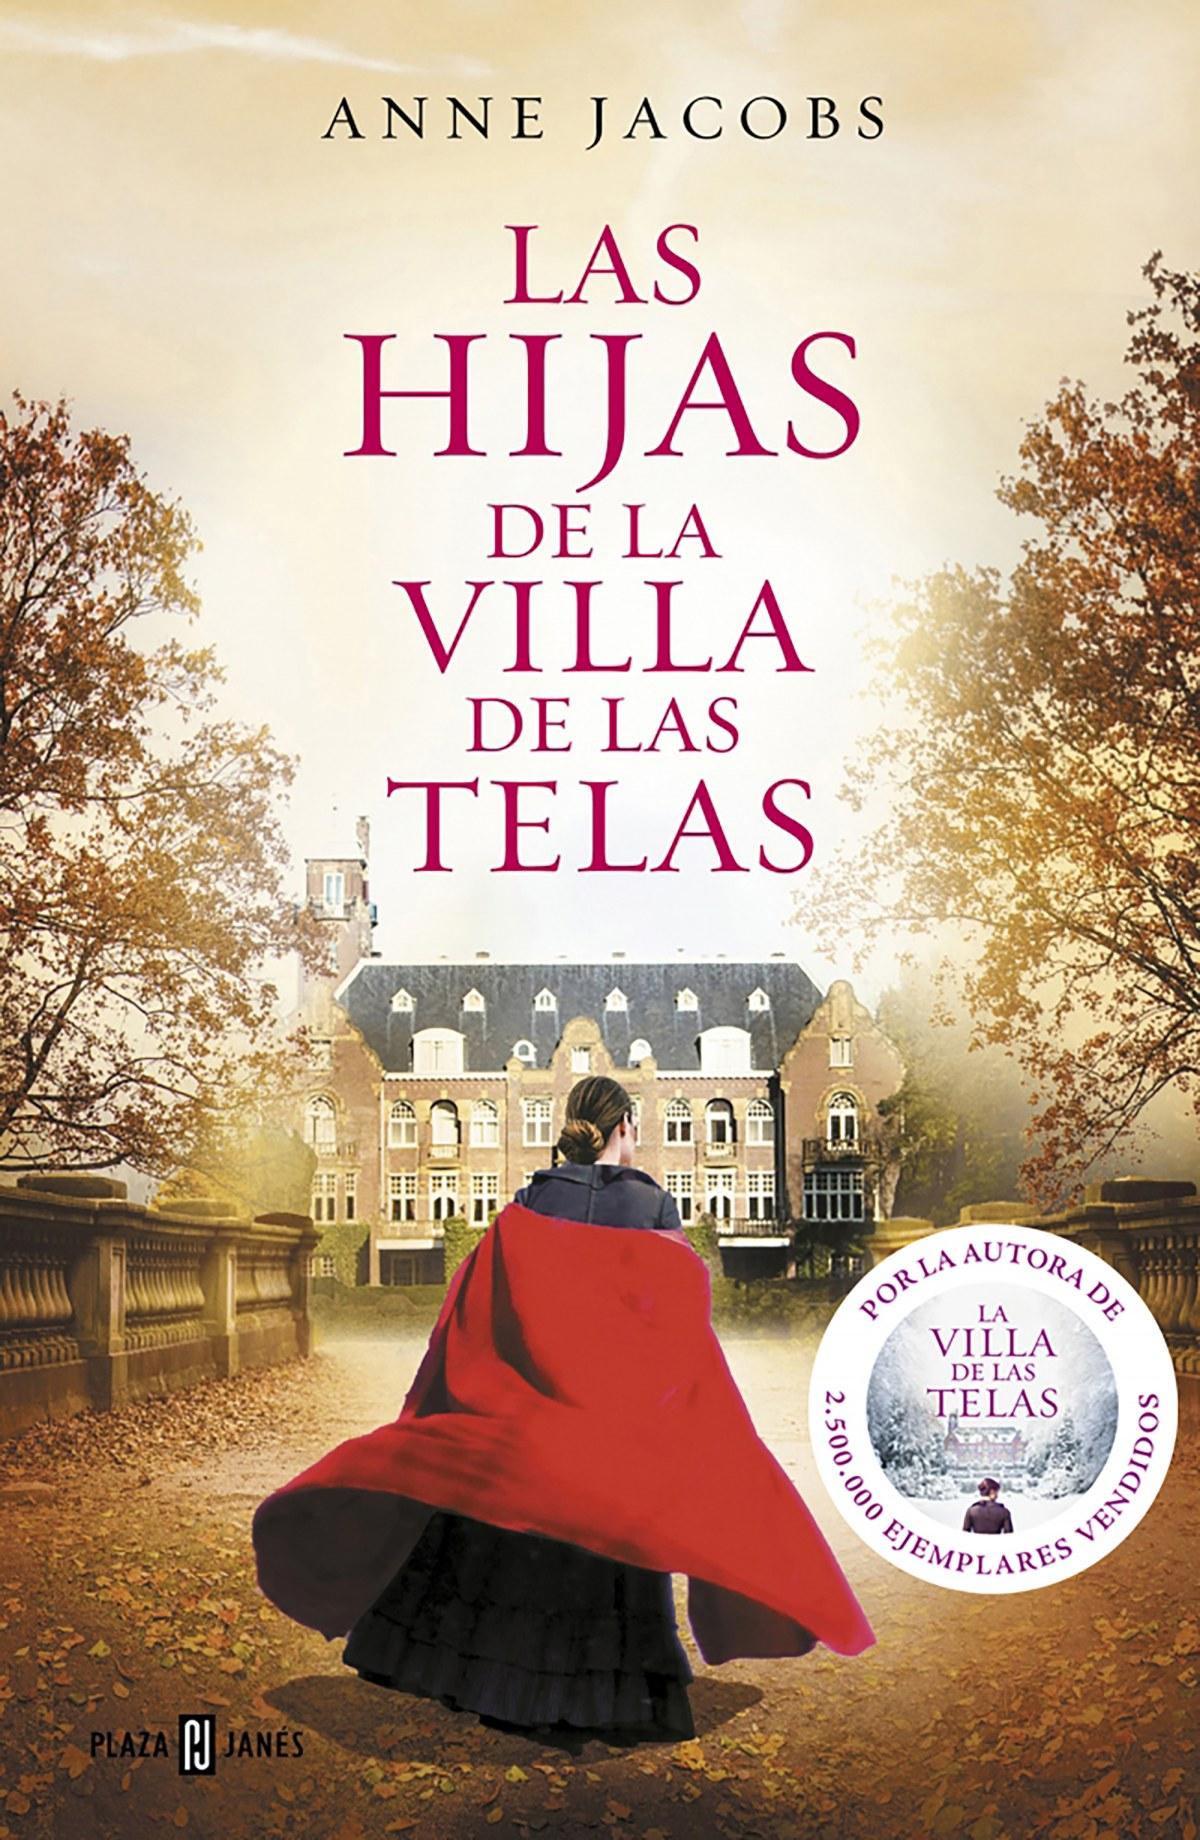 LAS HIJAS DE LA VILLA DE LAS TELAS 9788401021688